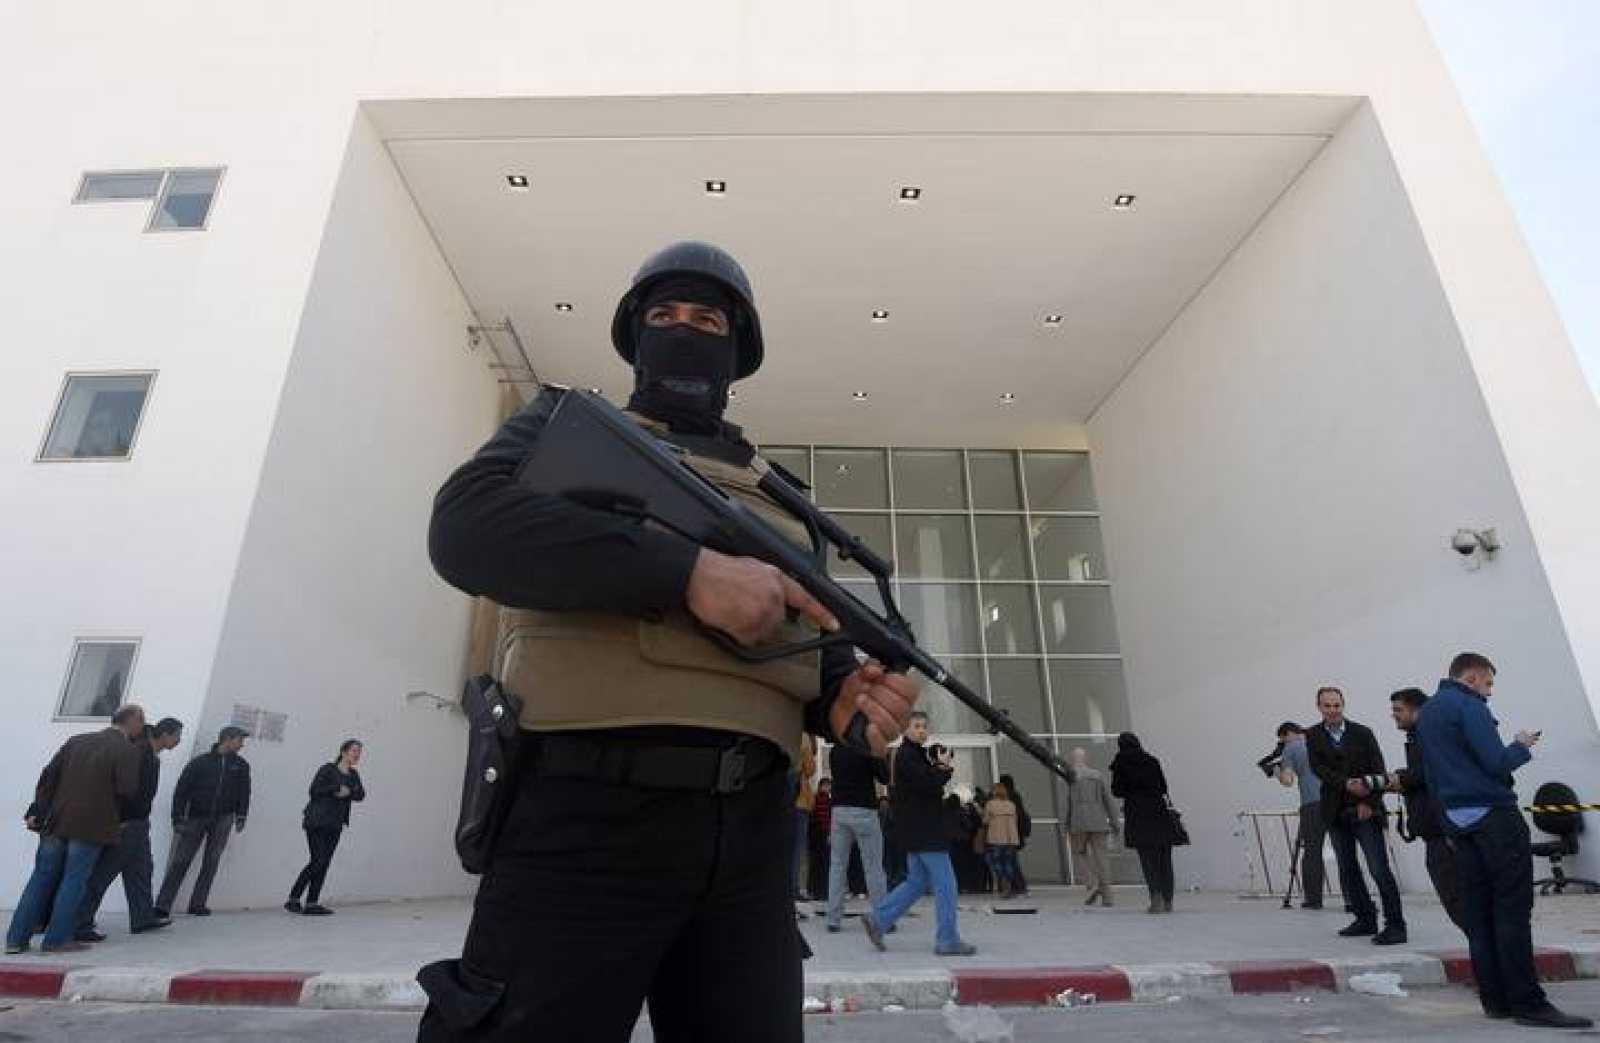 Un miembro de las fuerzas de seguridad vigila el Museo del Bardo de Túnez